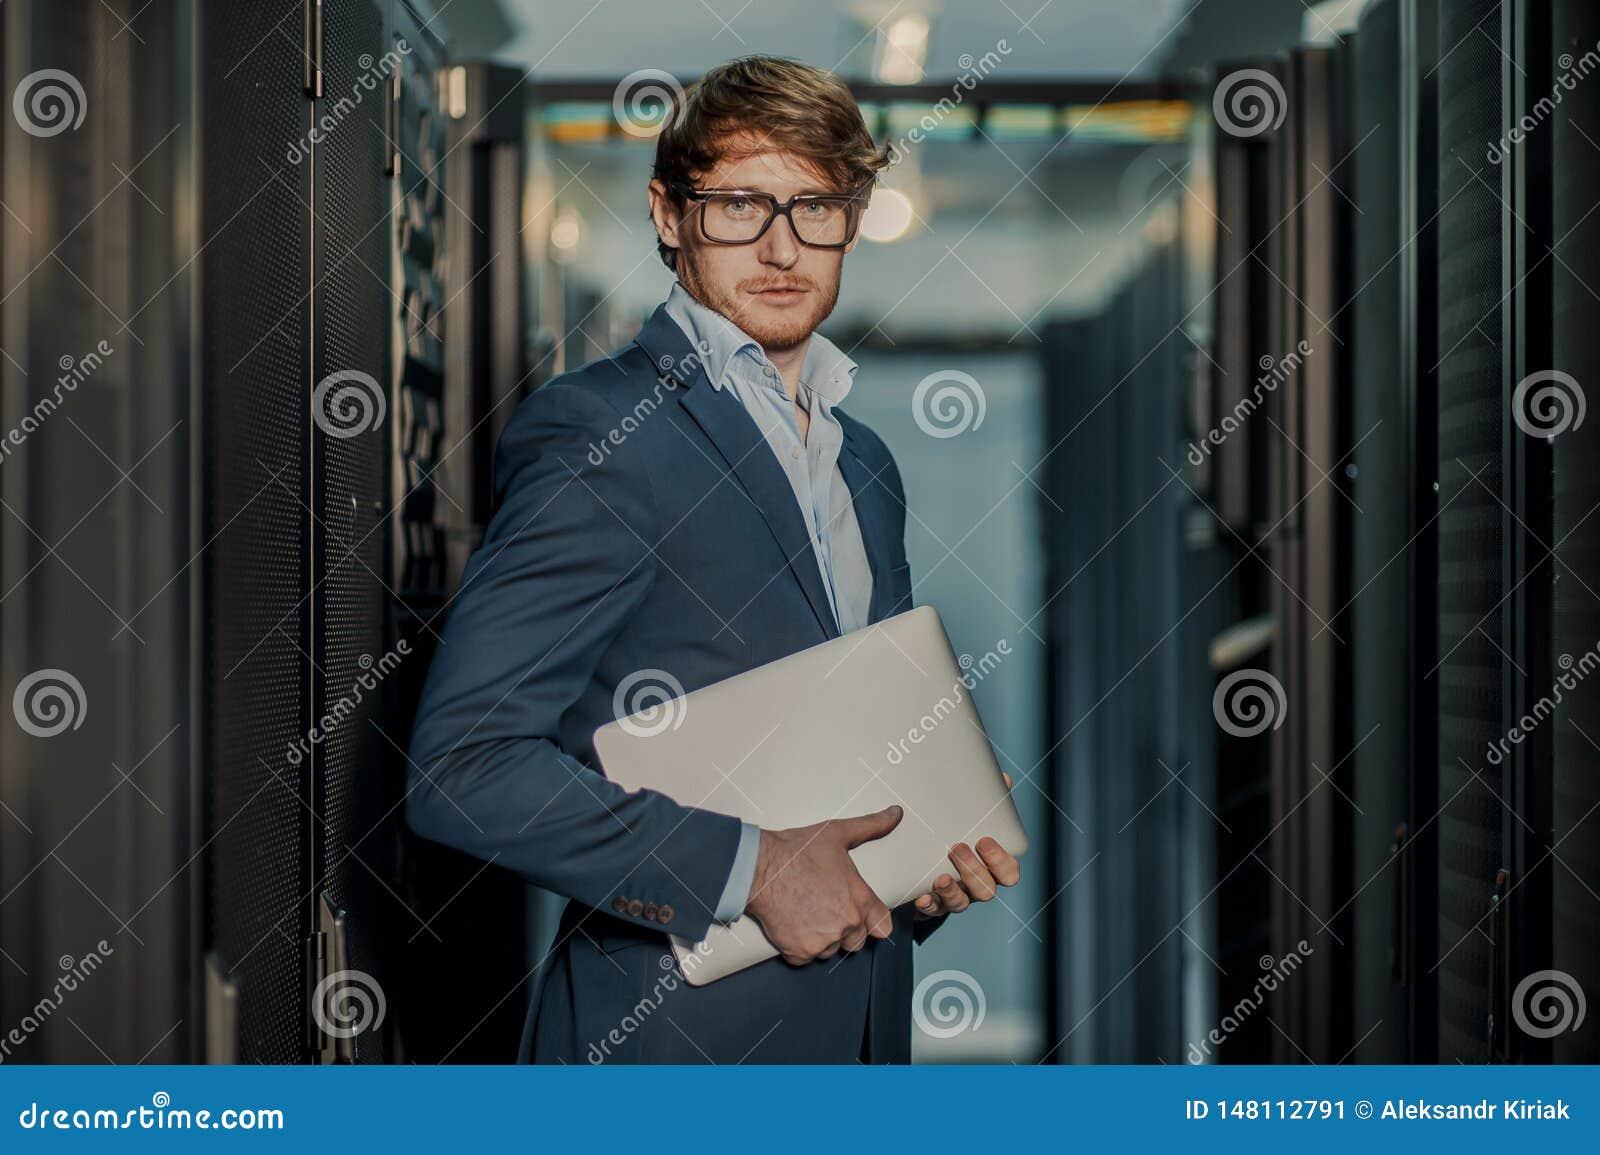 J?venes ?l hombre de negocios del ingeniero con el ordenador port?til de aluminio moderno fino en sitio de servidor de red